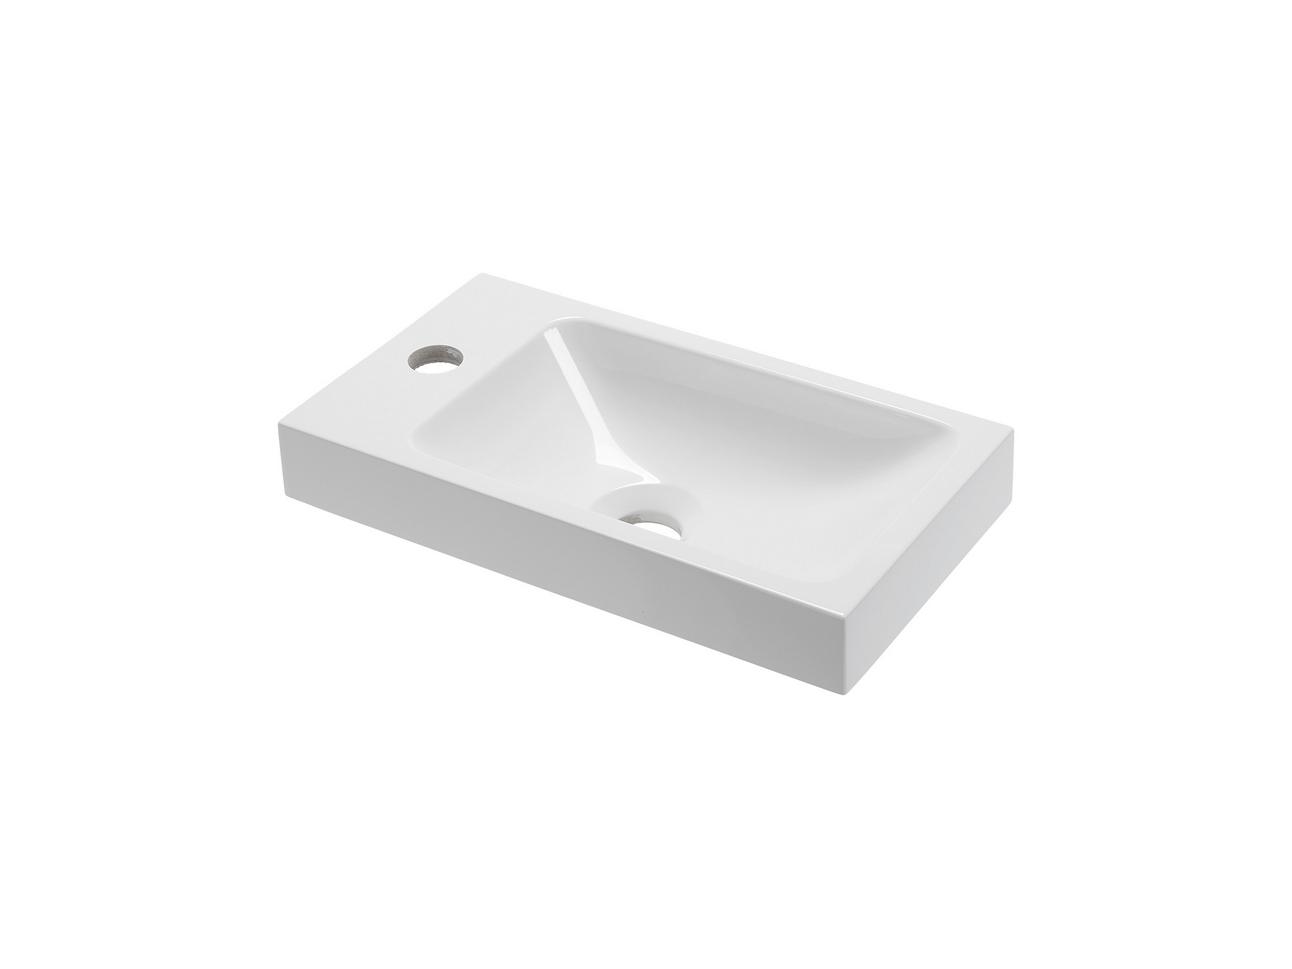 pico 40 mineralguss waschtisch set mit blende t r. Black Bedroom Furniture Sets. Home Design Ideas